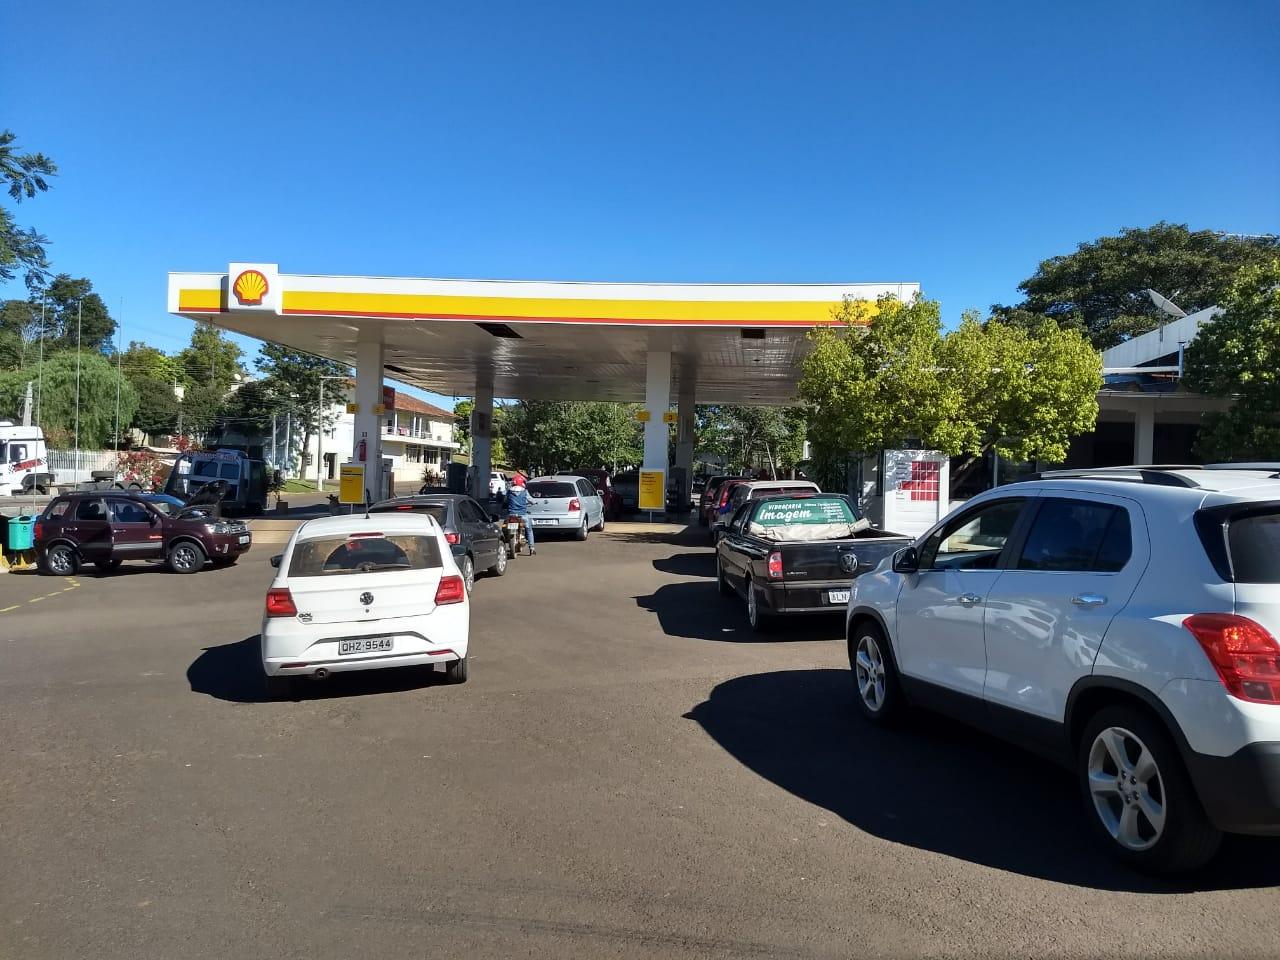 Combustível também começa a faltar em Cedro